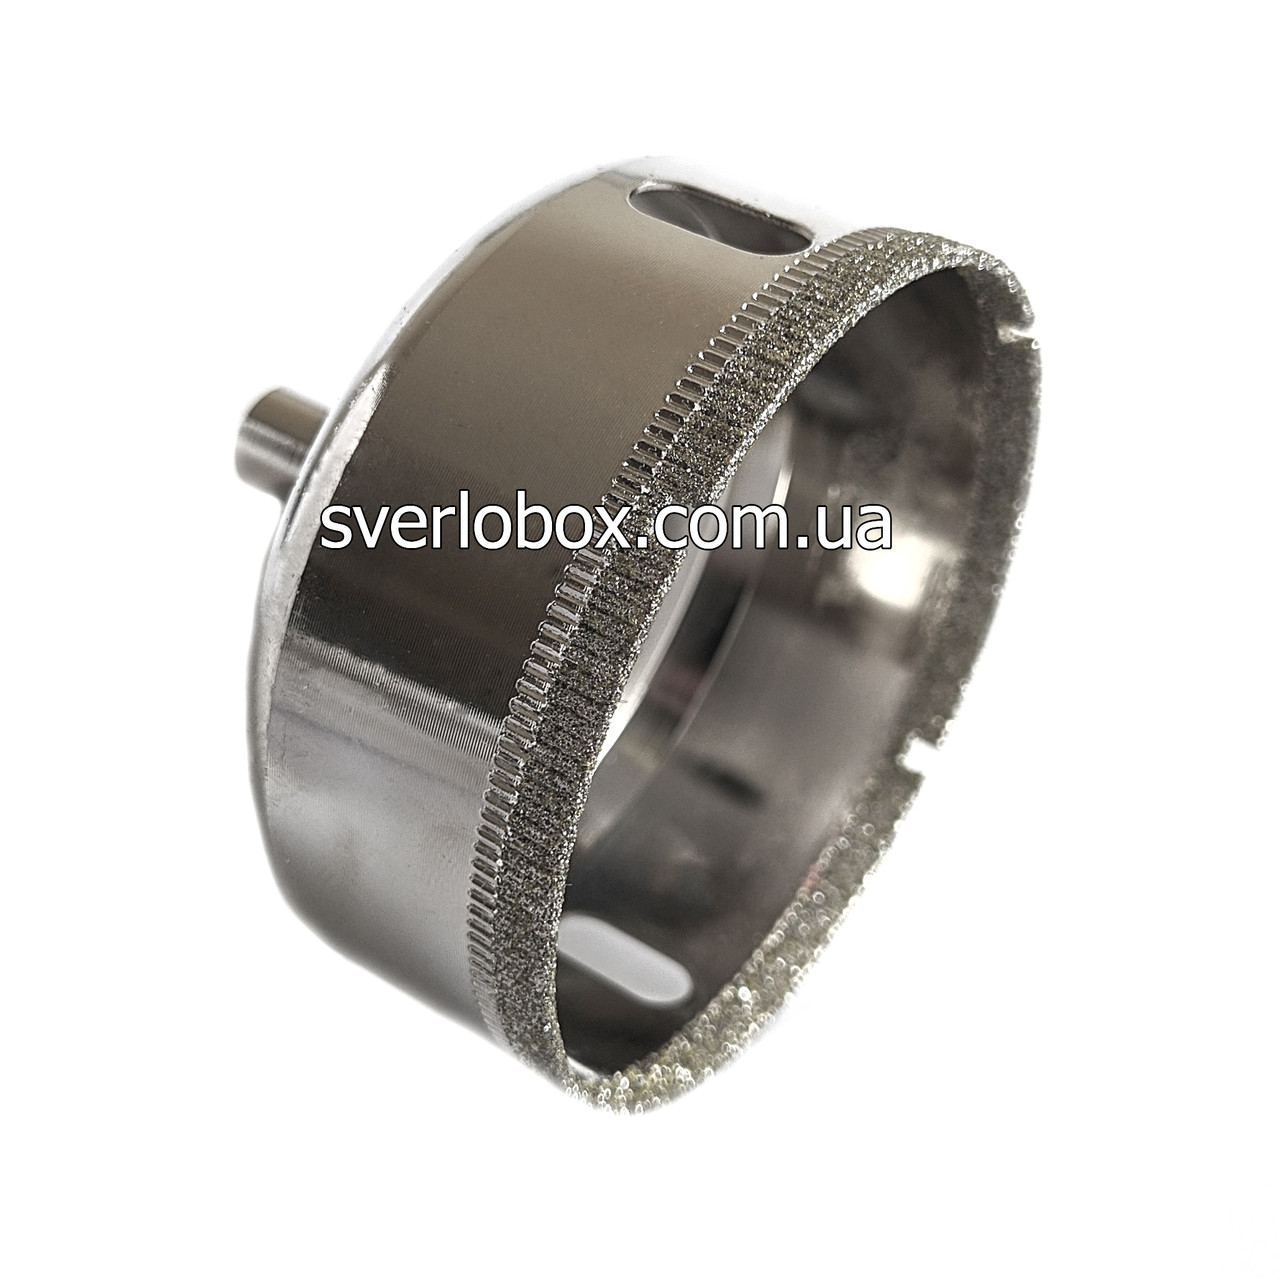 Алмазна Коронка по плитці і склу 60 мм, Коронка 60 мм з алмазним напиленням по склу та кераміці